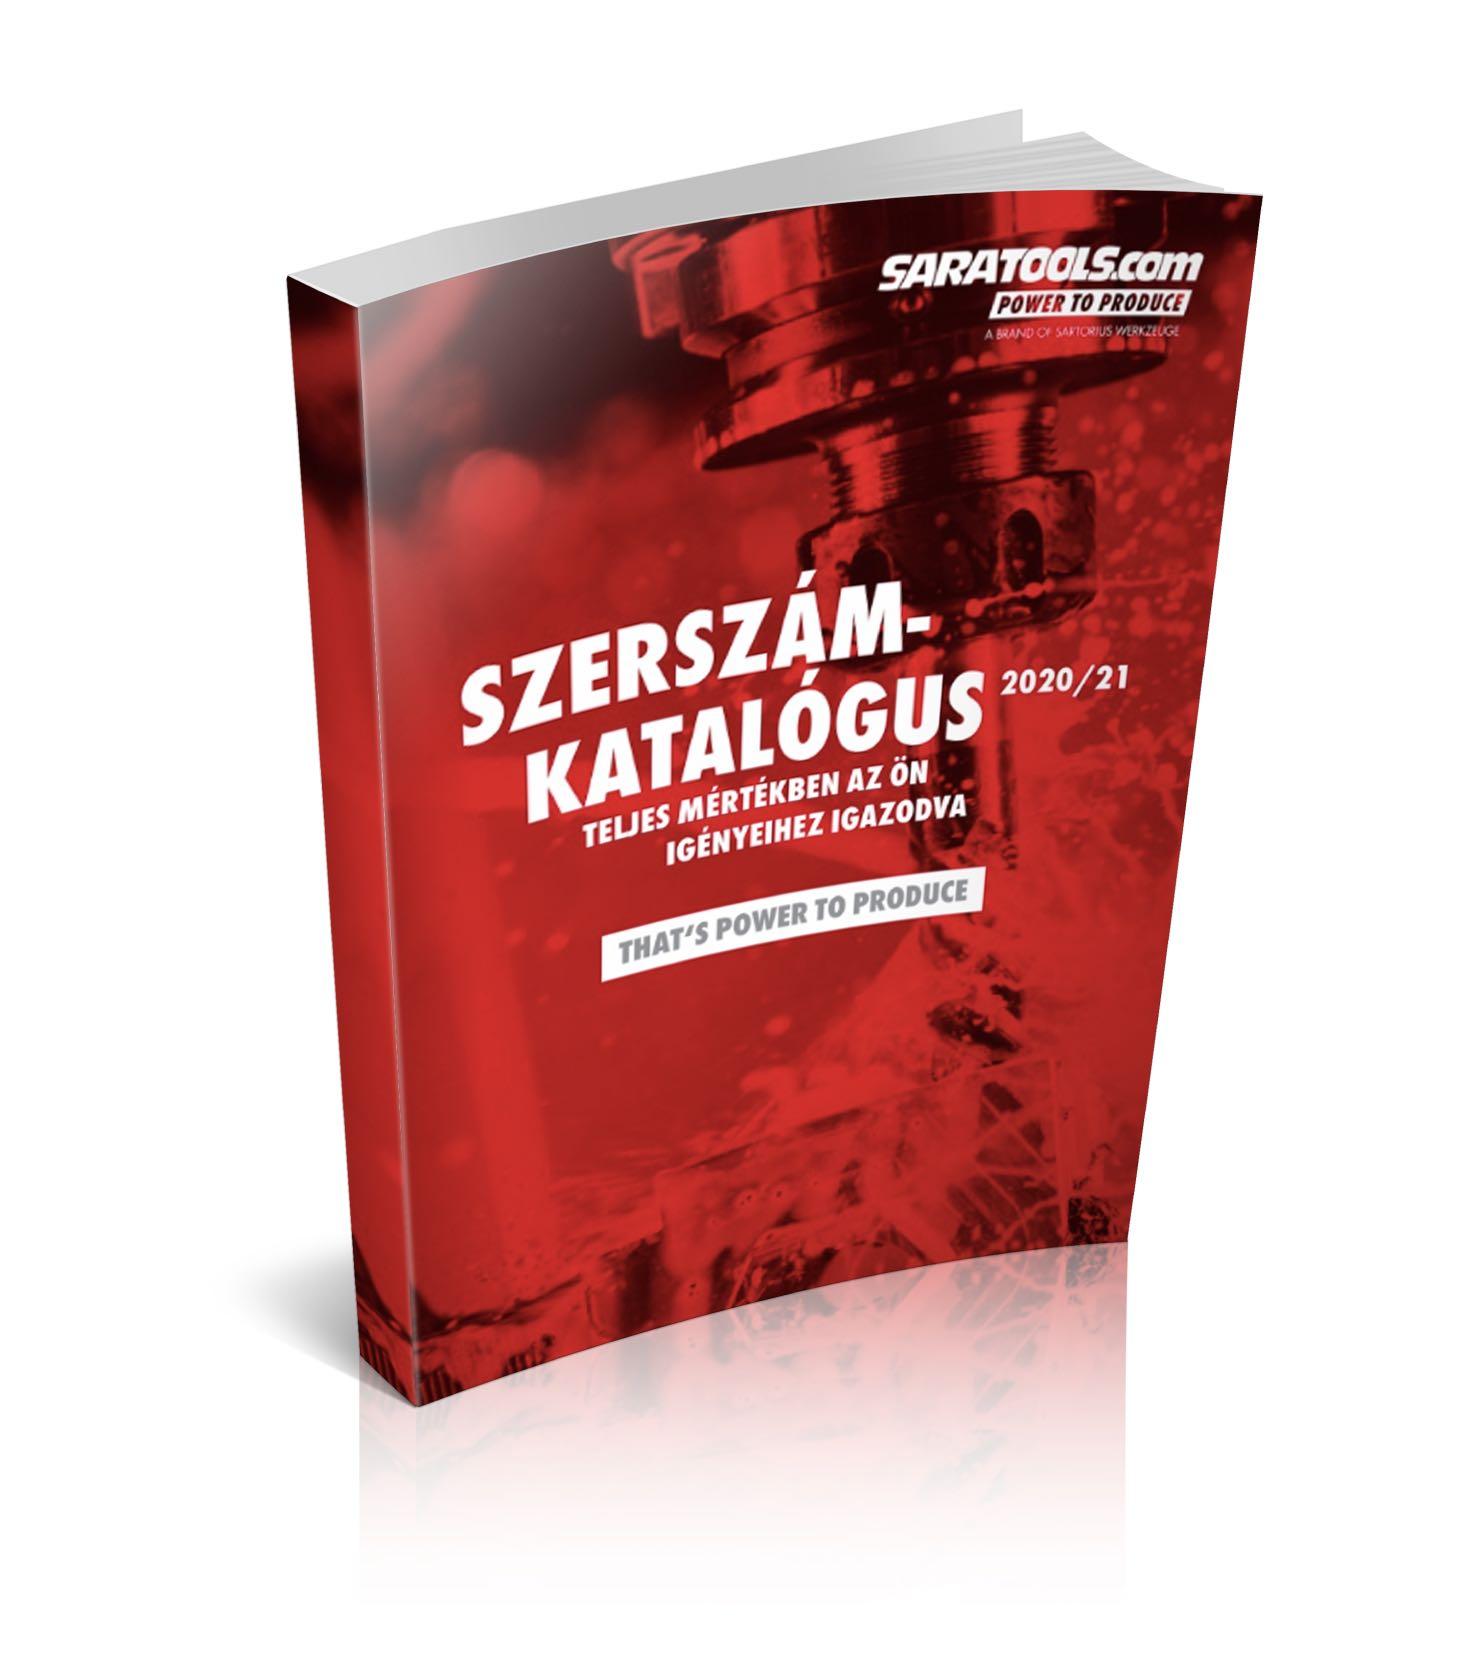 2019/2020-as Sartorius katalógus